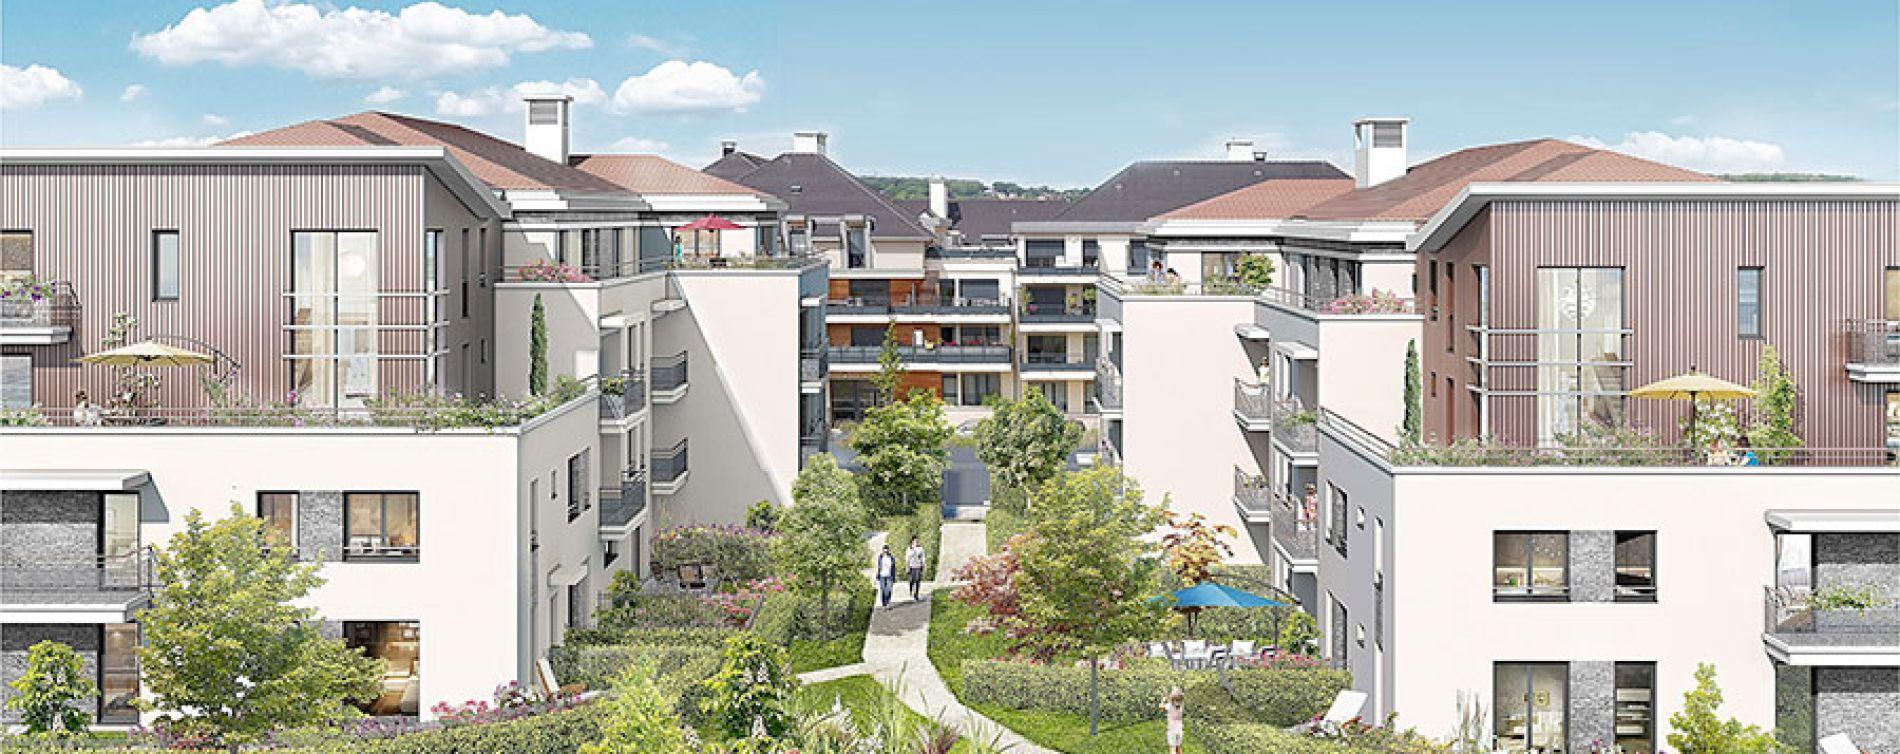 Cormeilles-en-Parisis : programme immobilier neuve « Artistik » (2)